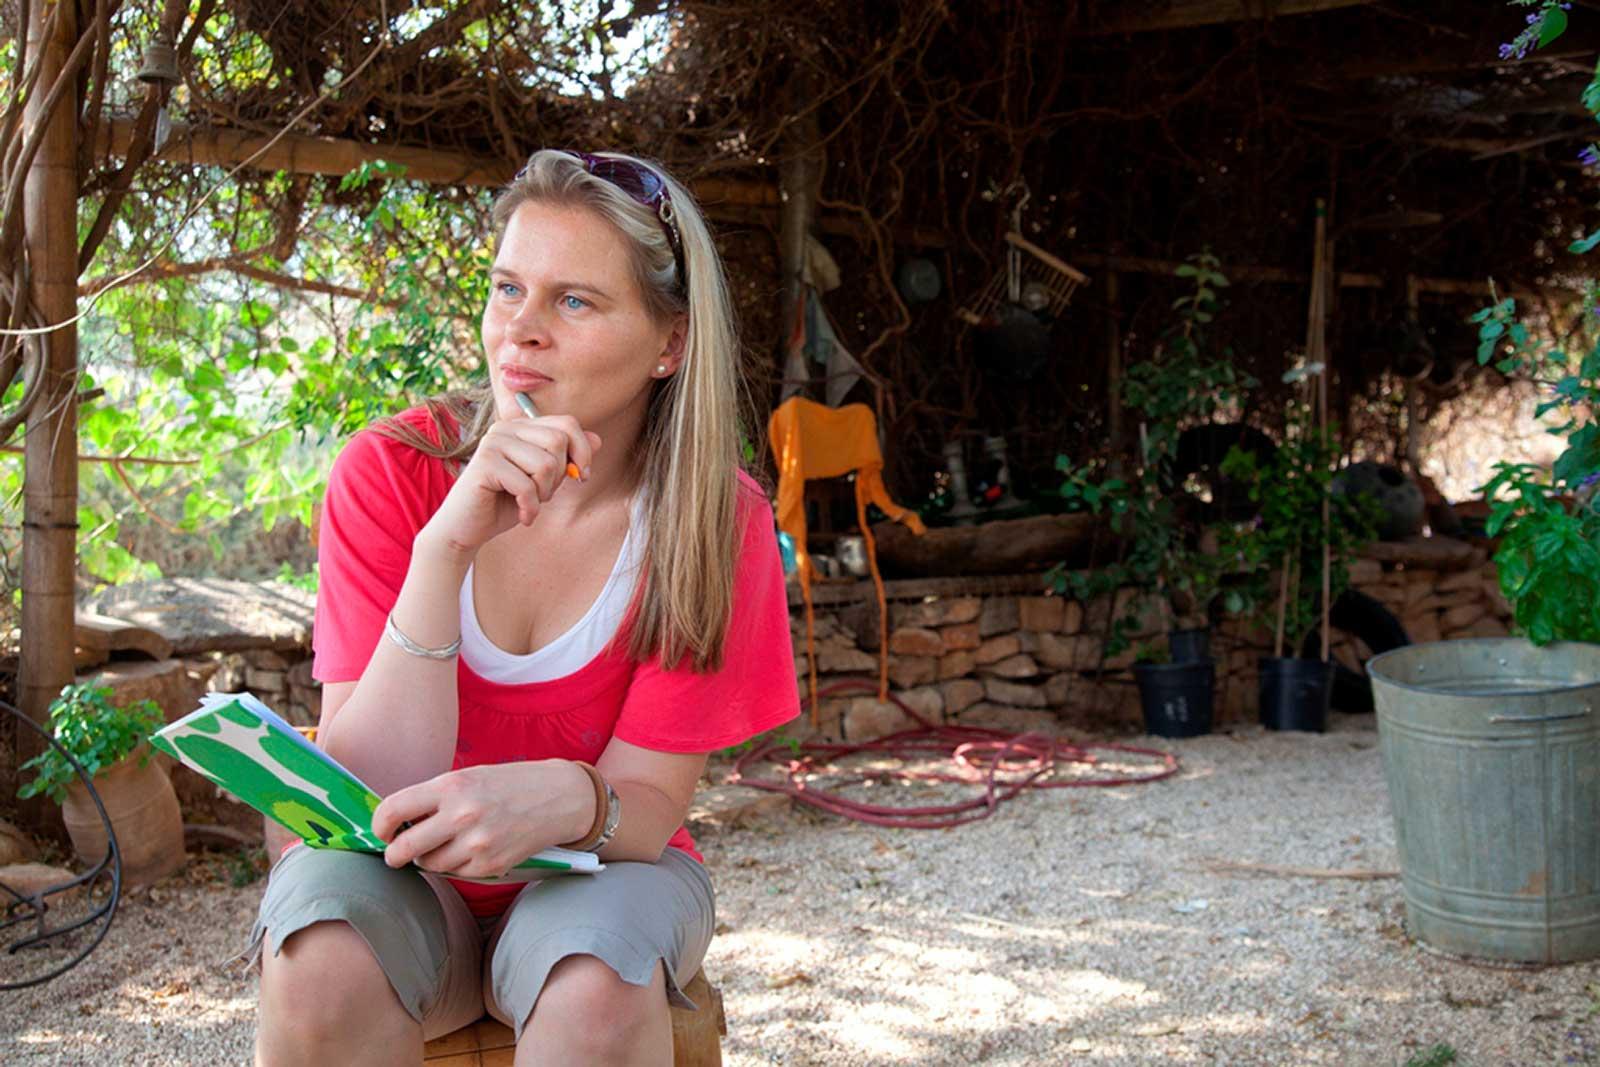 Ruokajuttua tekemässä vuohifarmilla Israelissa. Kuva Uzi Varon.